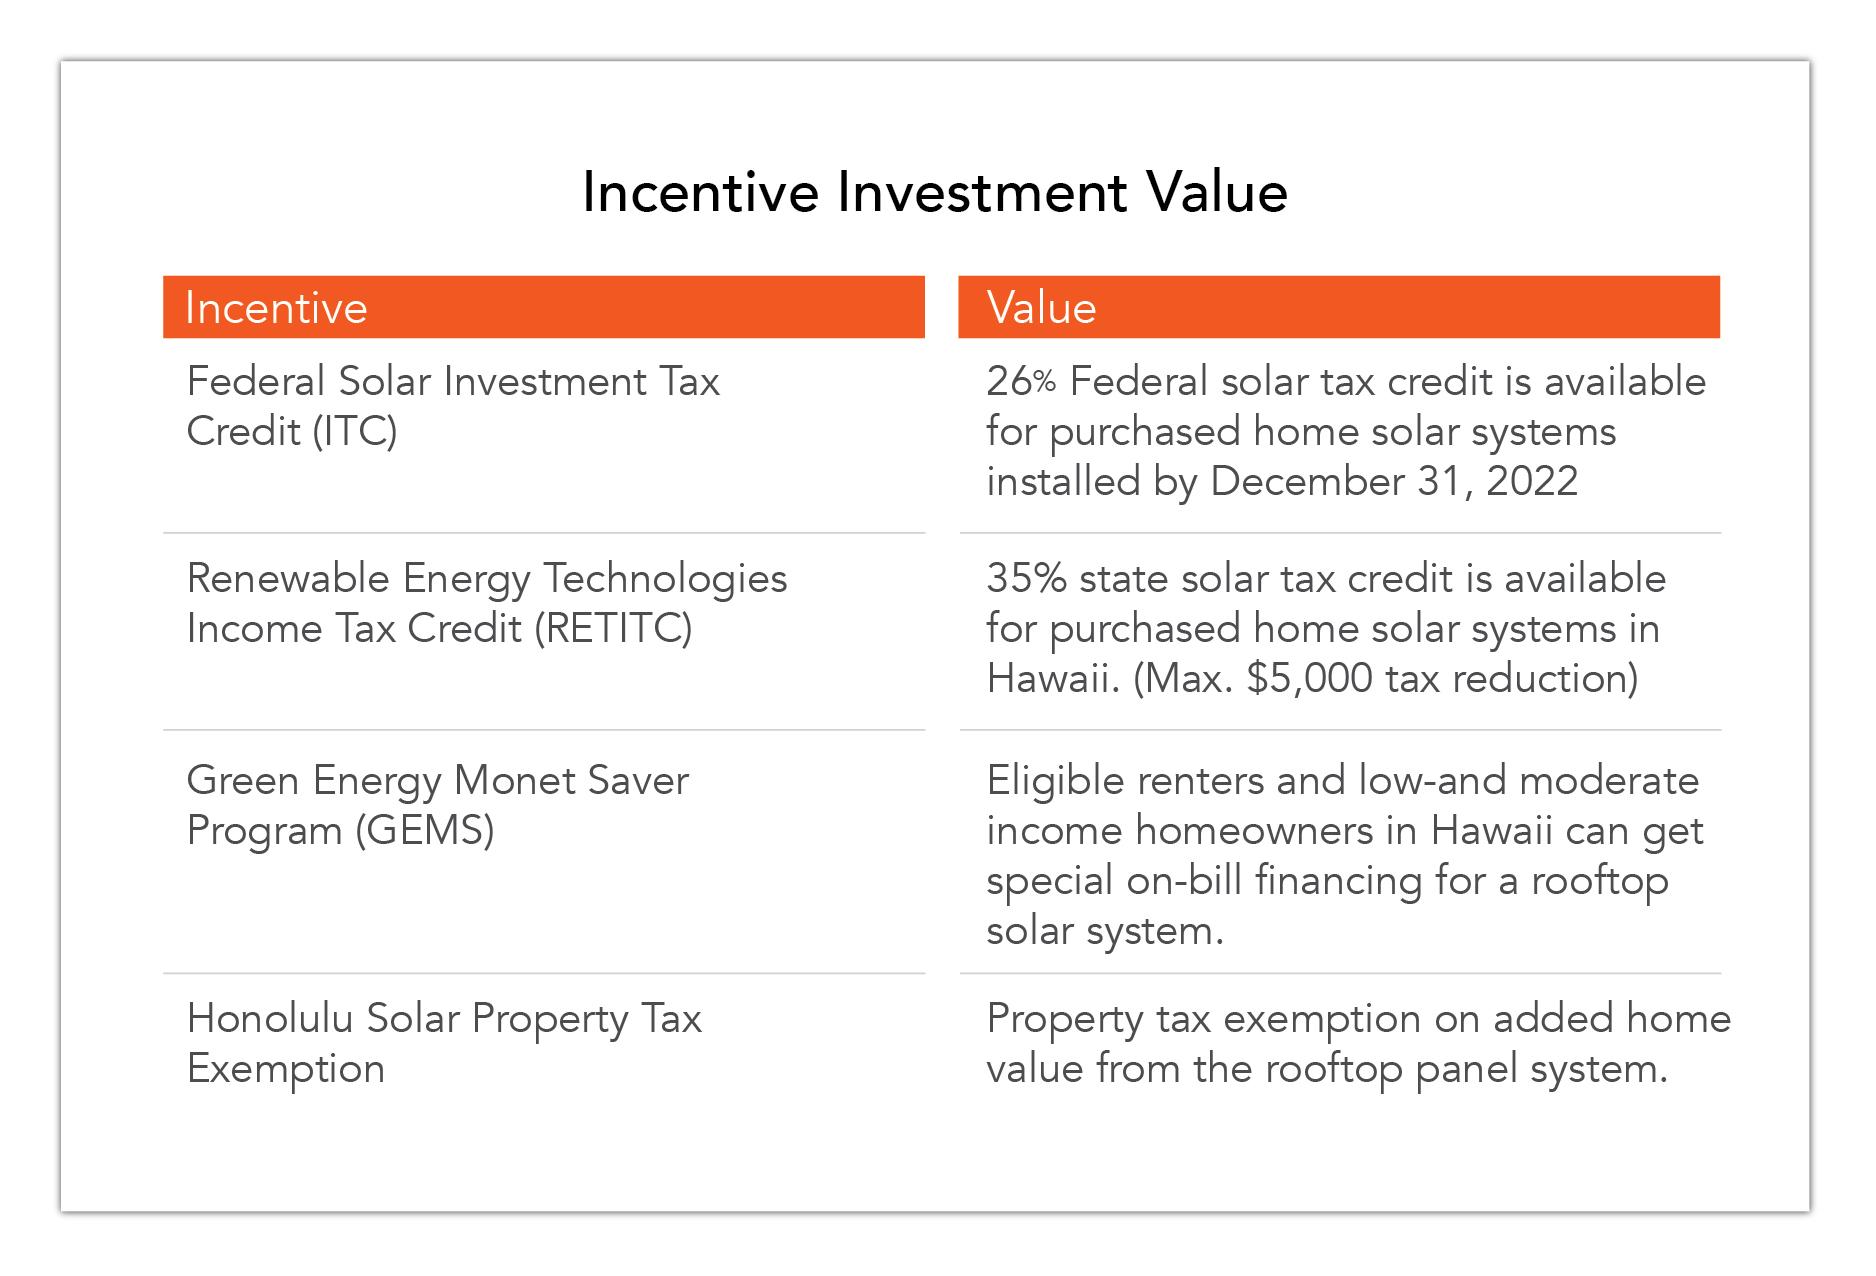 Revolusun Incentive Value 01